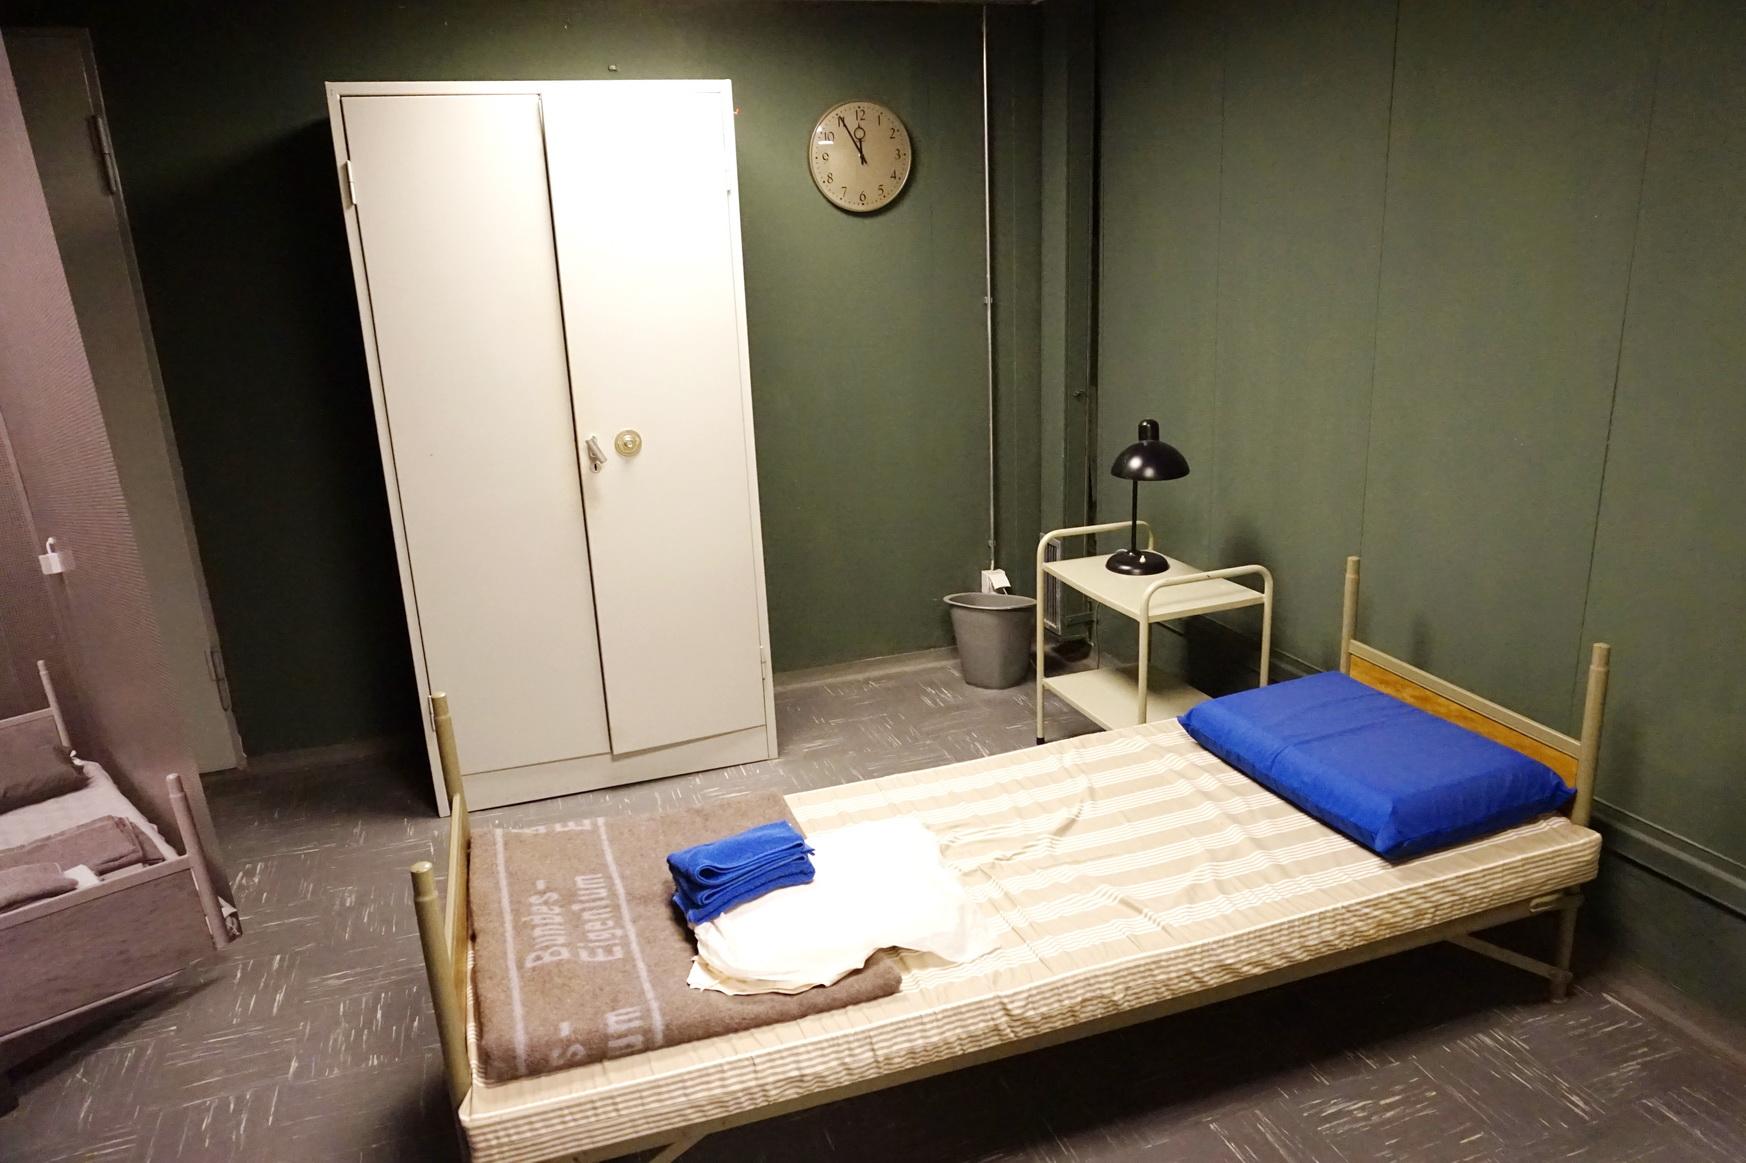 Schlafzimmer des Bundespräsidenten